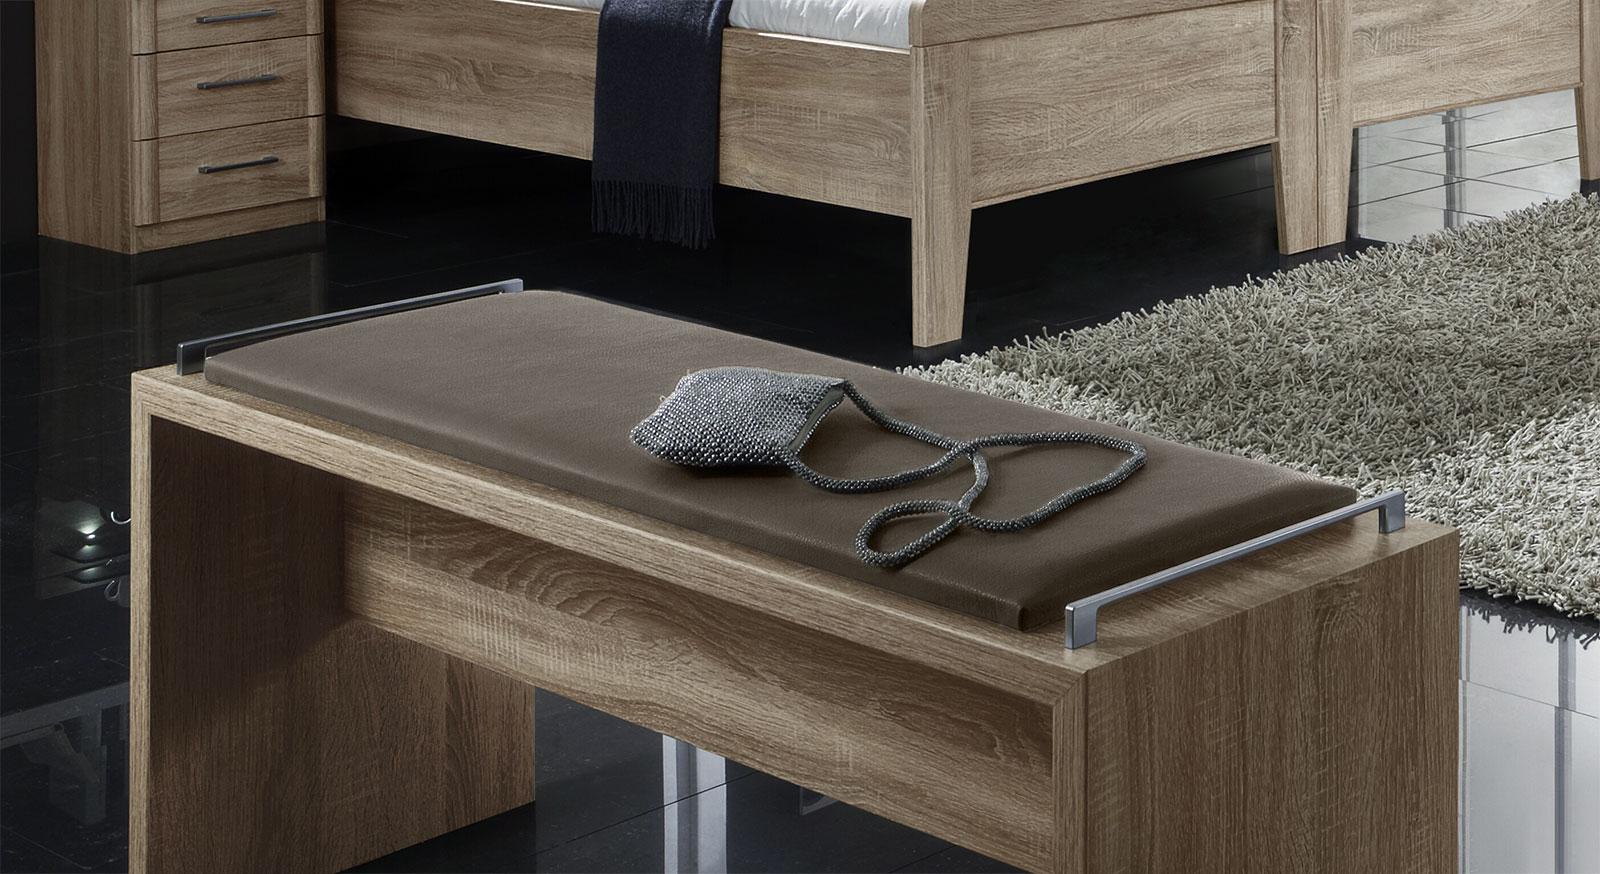 Bettbank Runcorn aus Dekor in Eiche sägerau